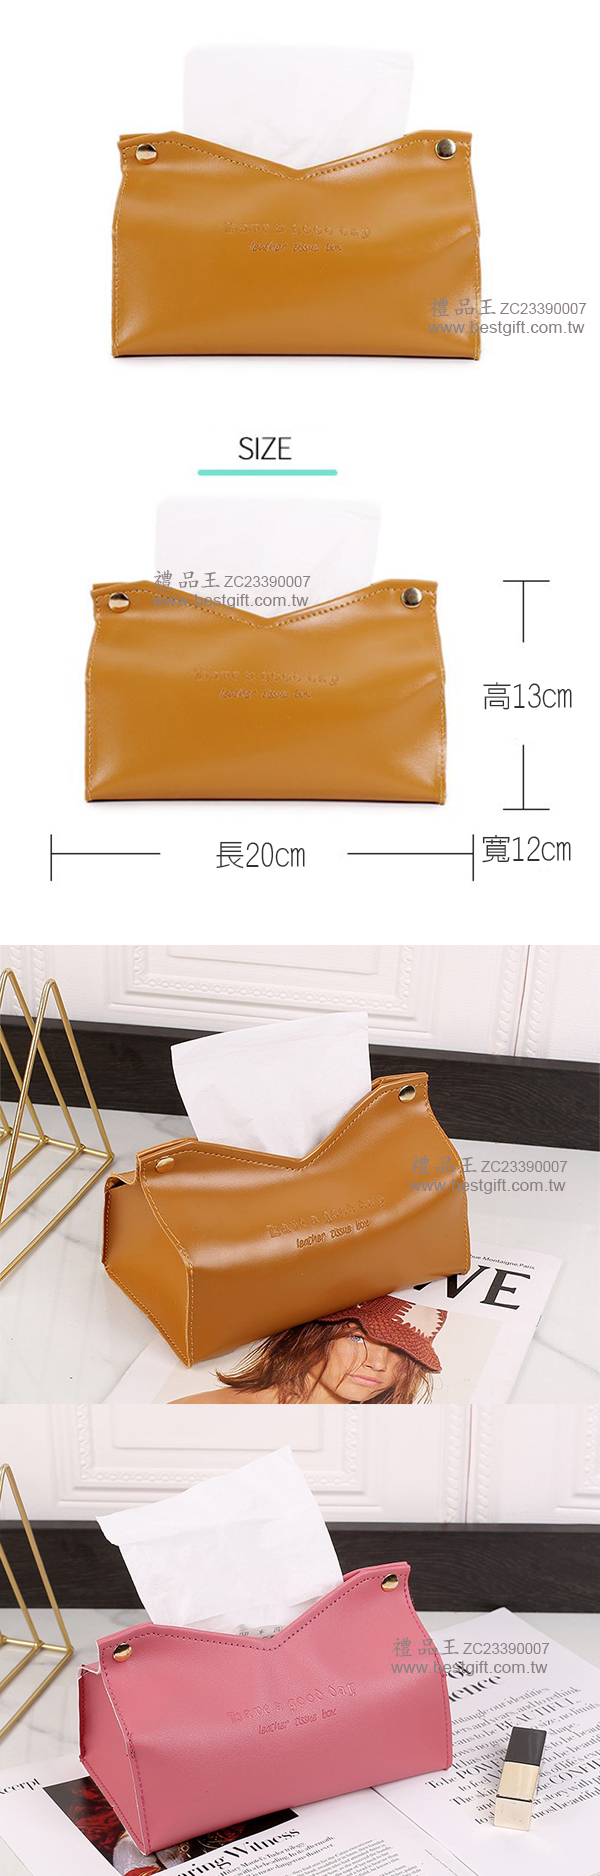 北歐風皮質面紙套(紙巾盒)  商品貨號: ZC23390007